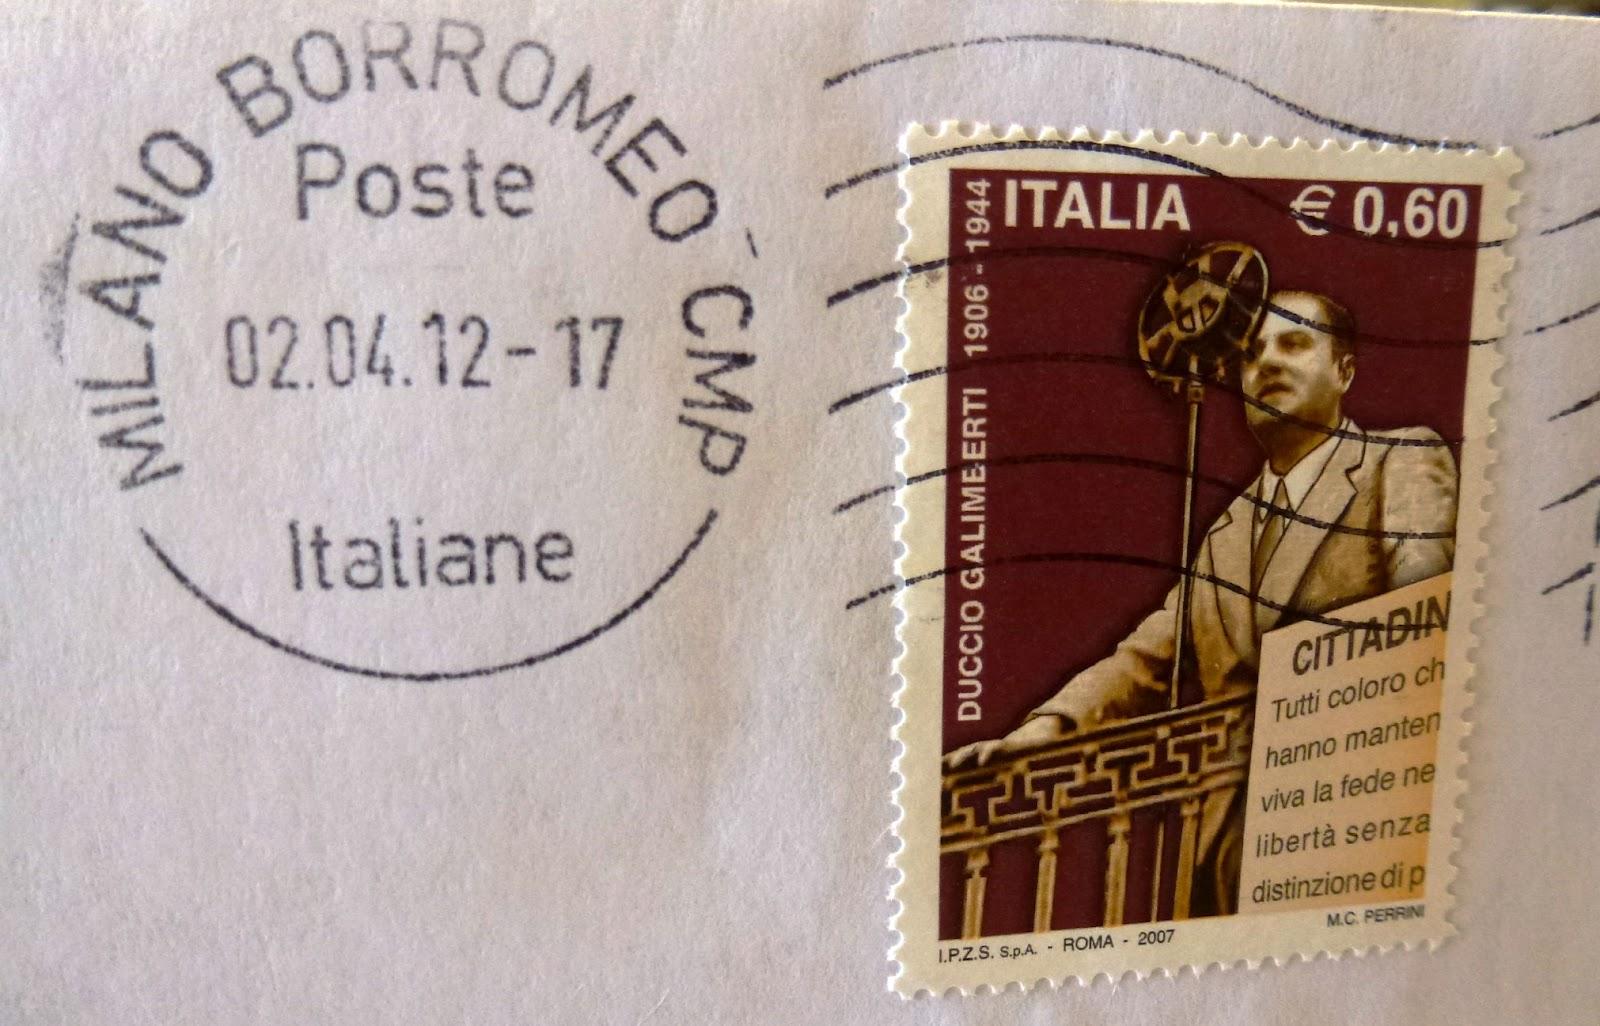 Duccio Galimberti partigiano francobollo e annullo